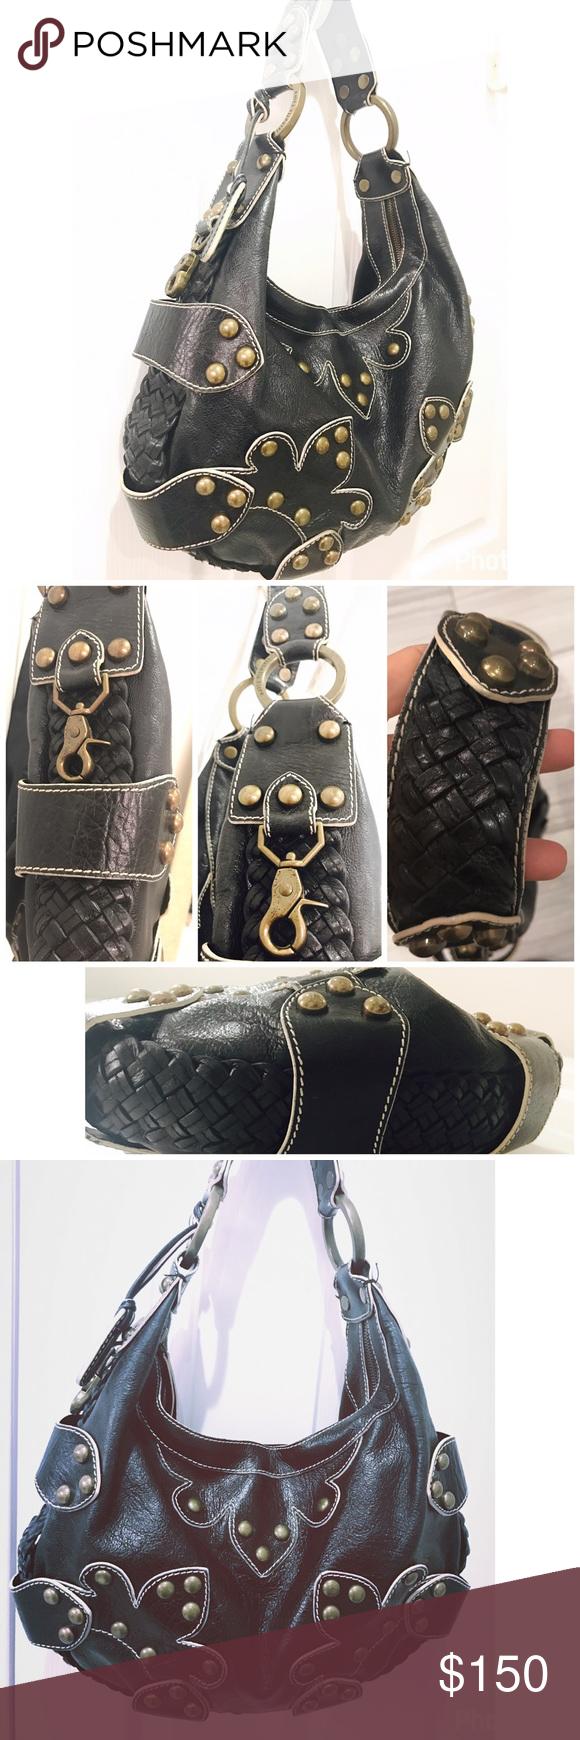 df81860916 Isabella Fiore Oasis Leather Hobo Shoulder Bag Isabella Fiore Oasis Large Leather  Studded Hobo Shoulder Bag